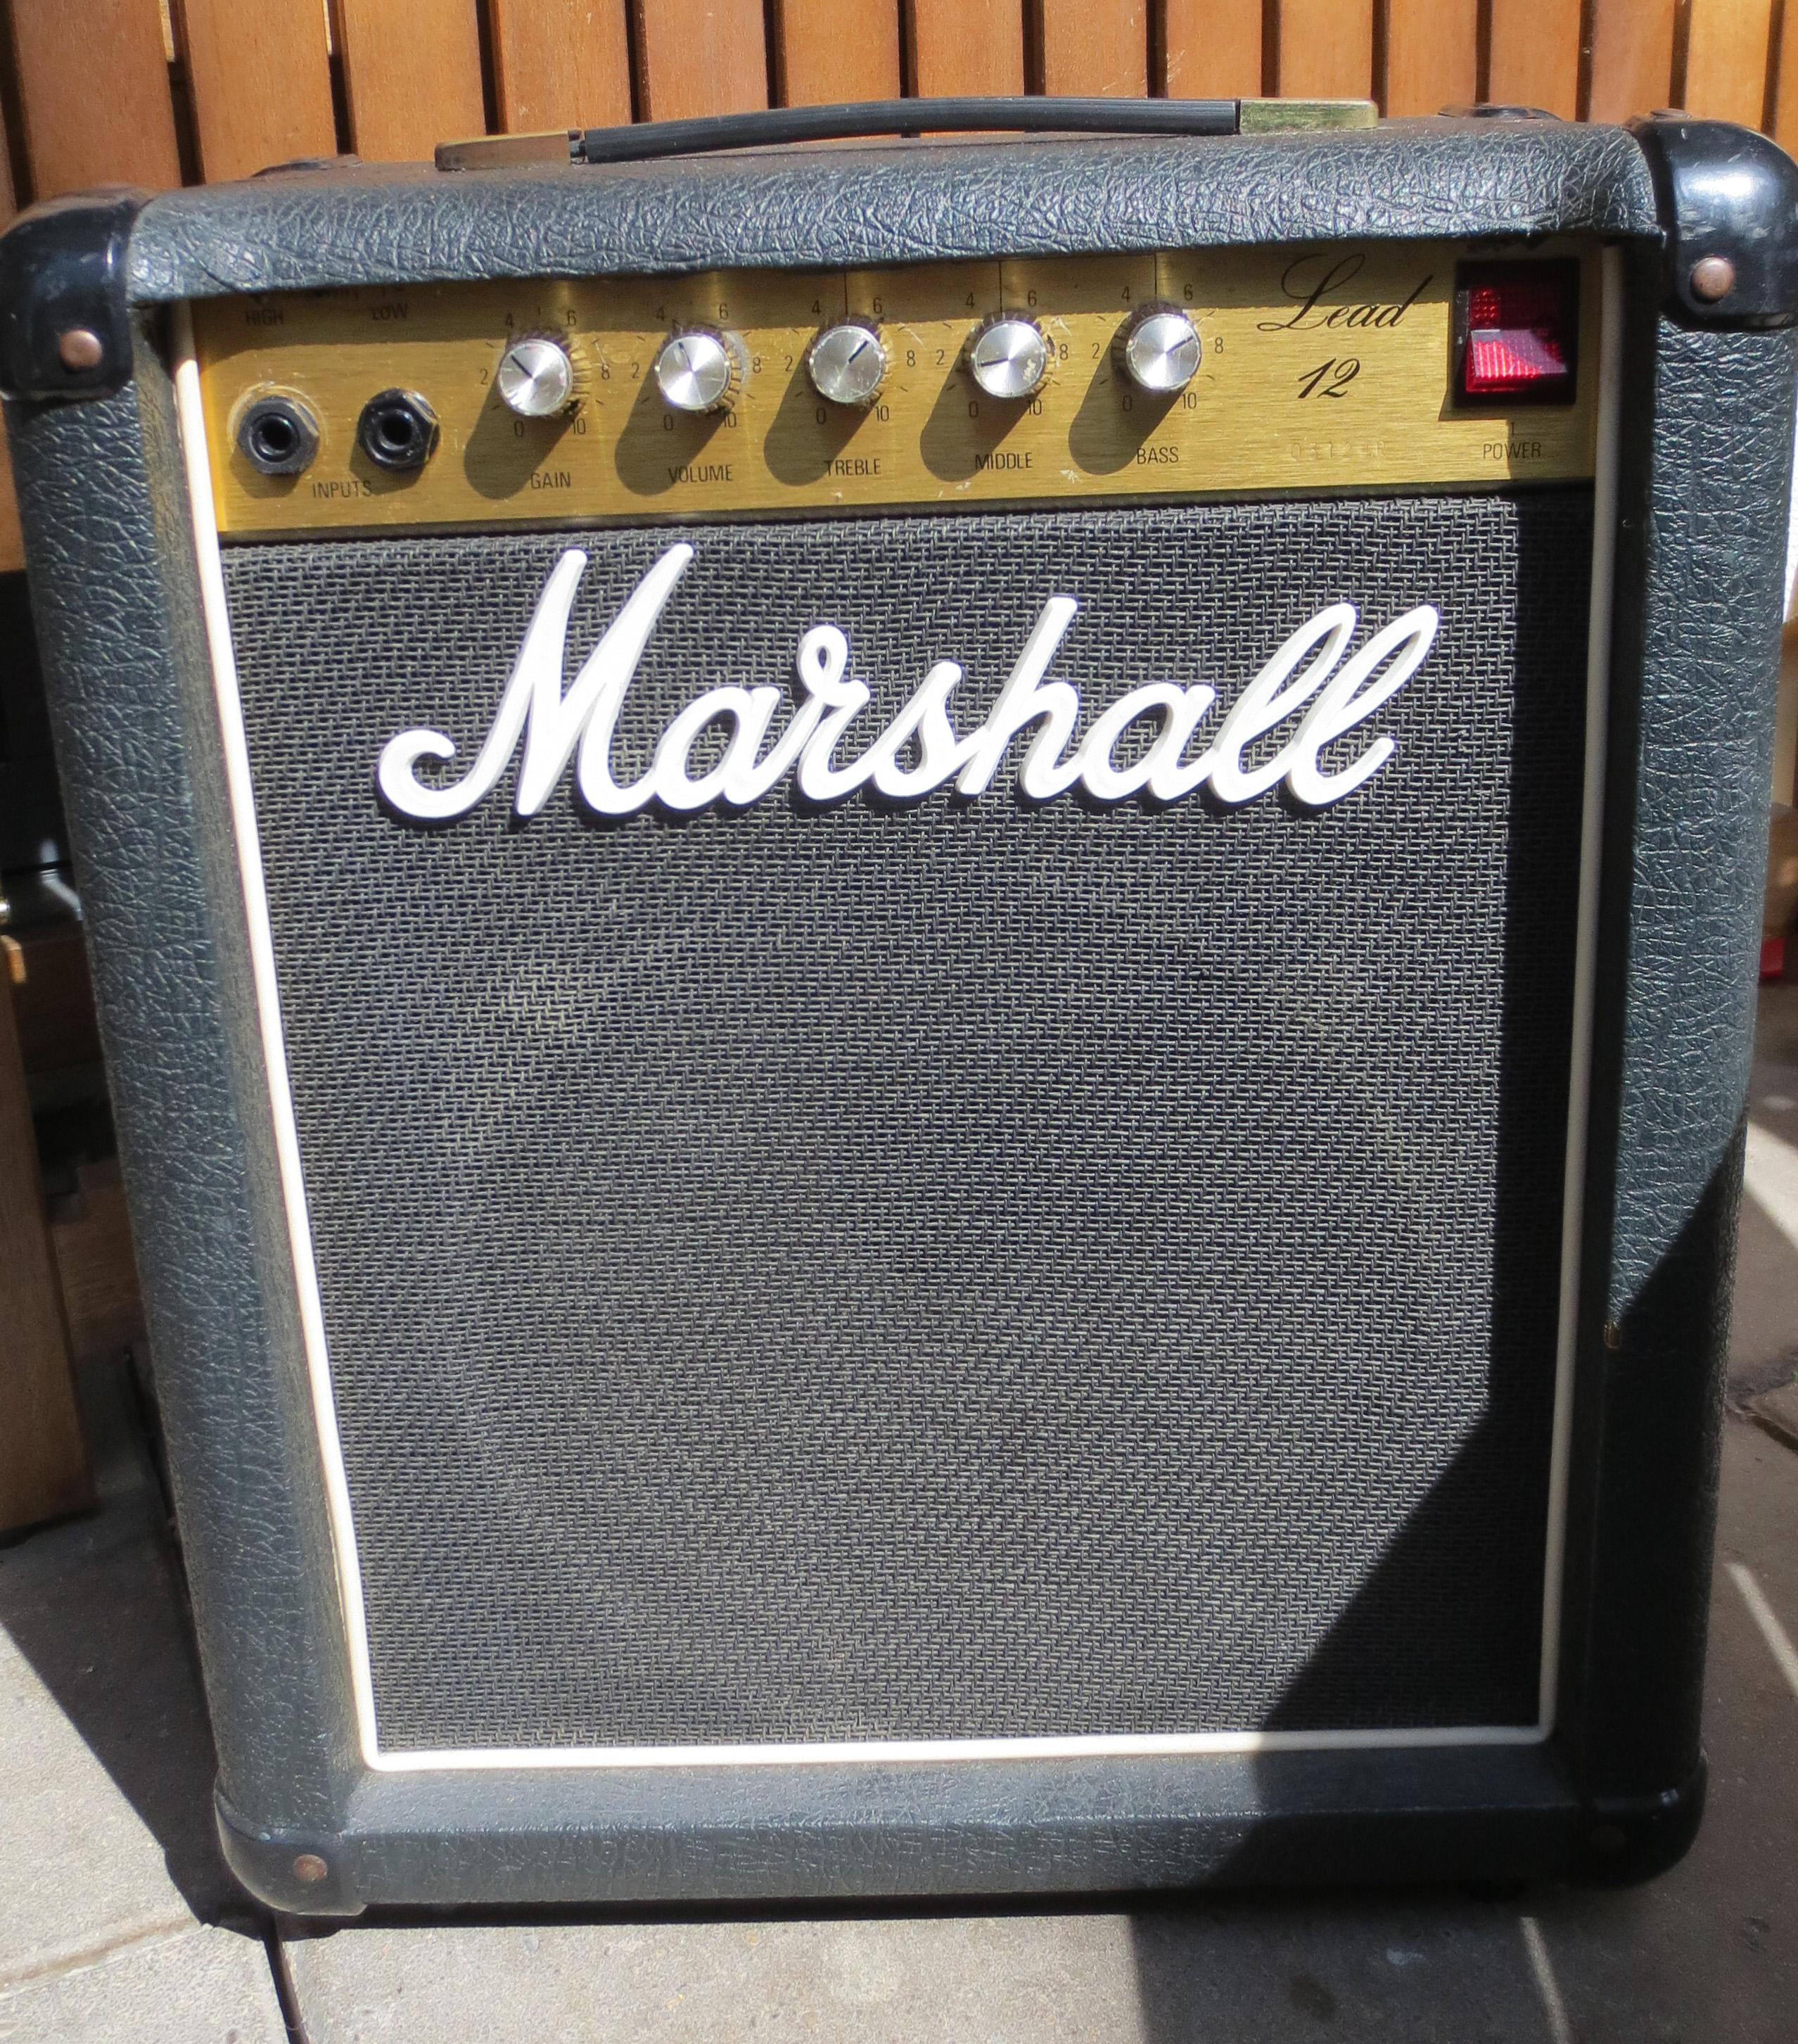 marshall 5005 lead 12 image 1100244 audiofanzine. Black Bedroom Furniture Sets. Home Design Ideas